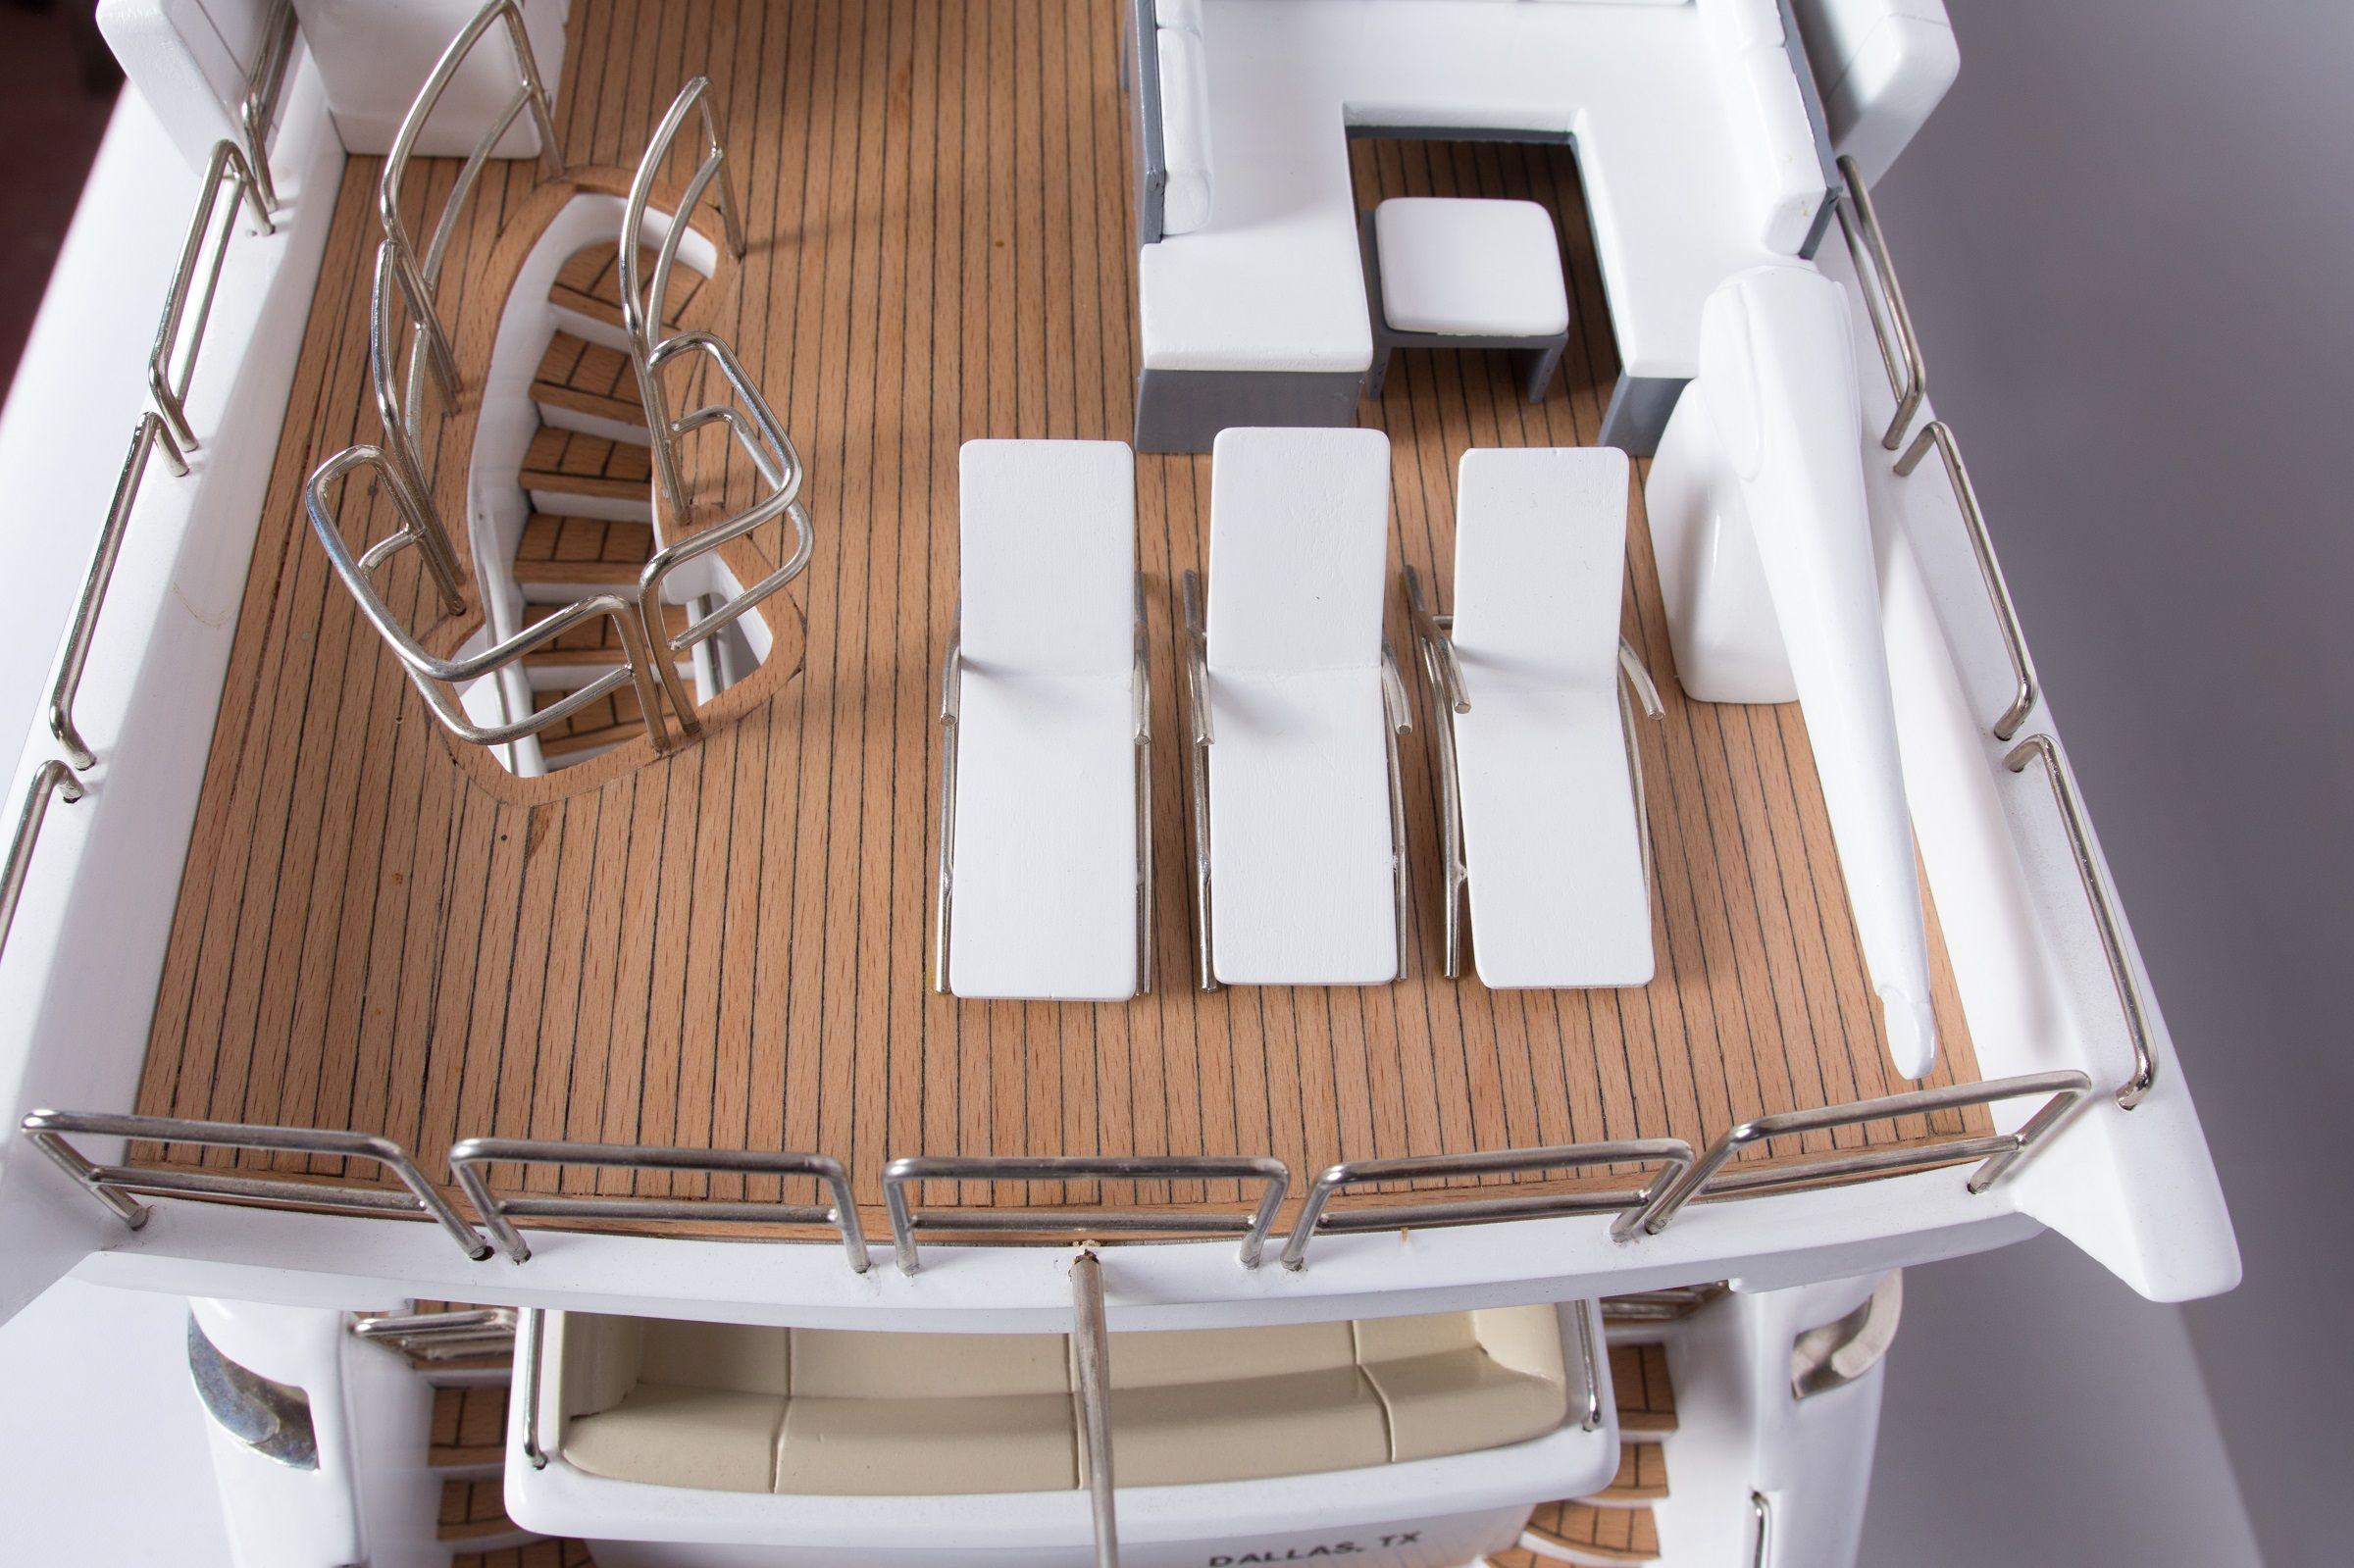 1665-9356-Azimut-95-Model-Yacht